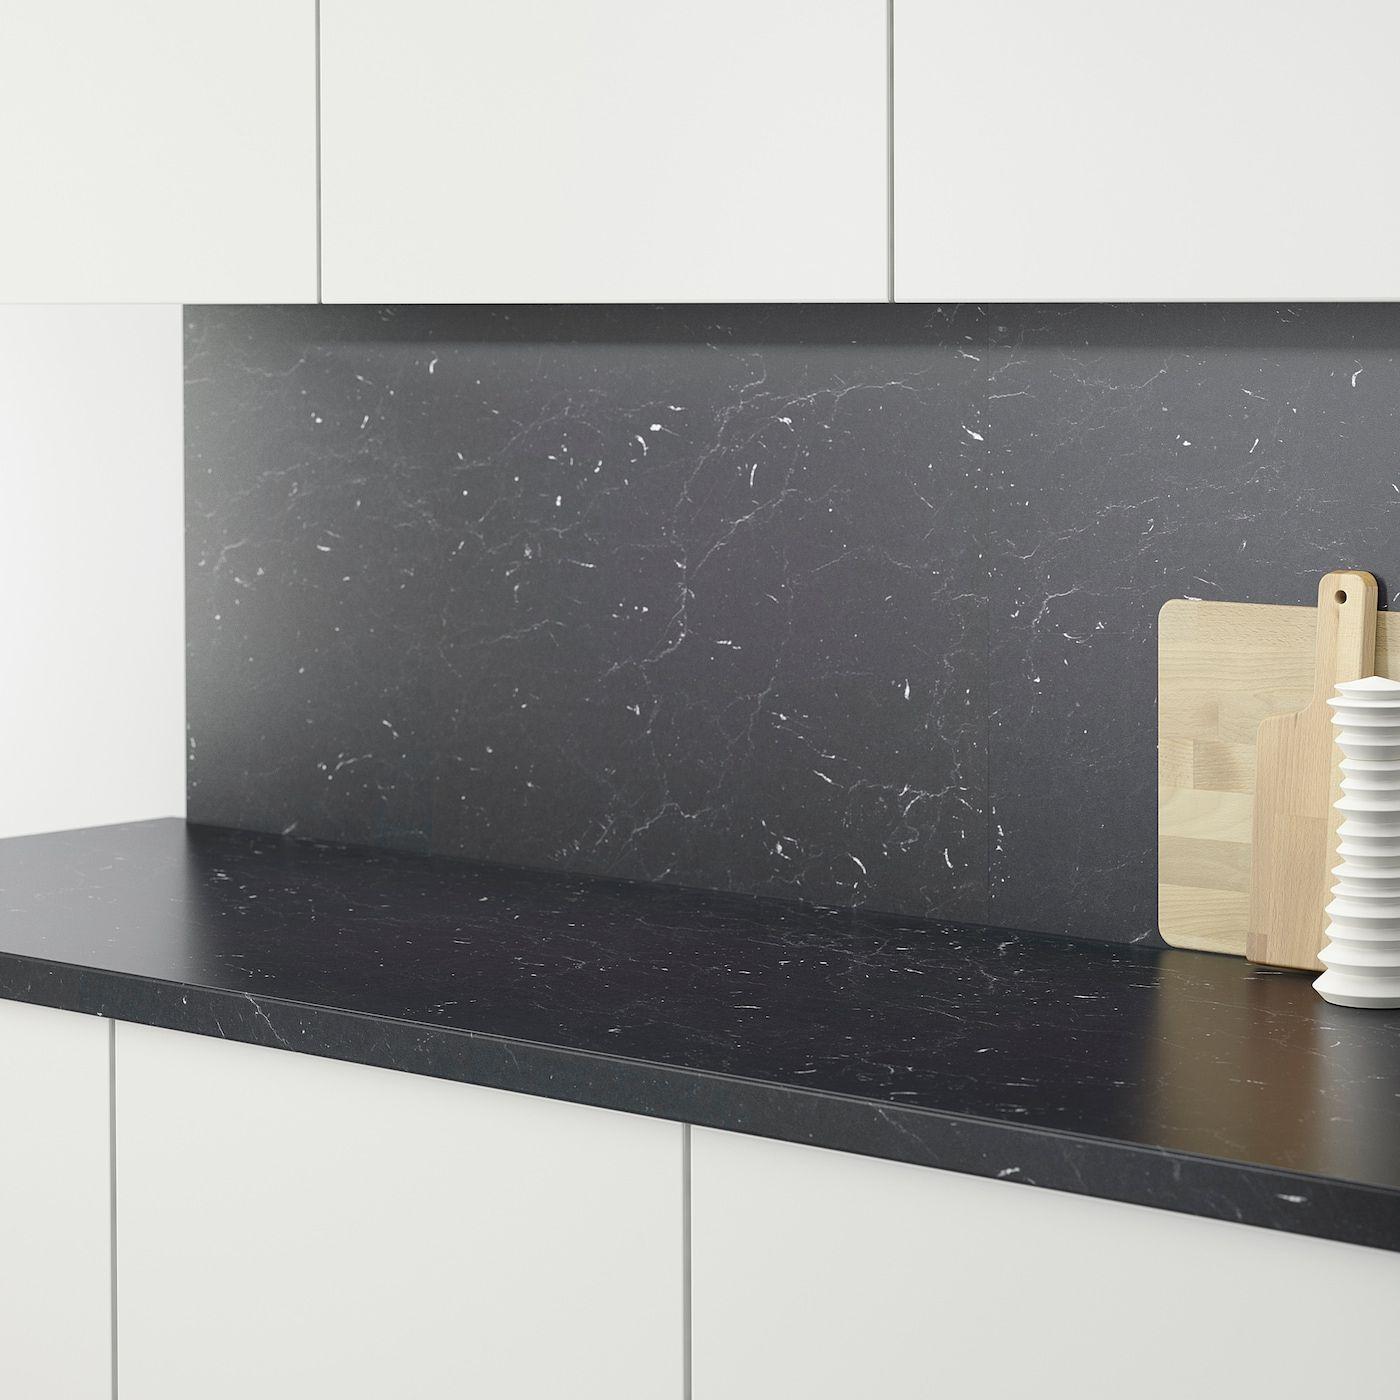 Saljan Arbeitsplatte Schwarz Marmoriert Laminat Ikea Osterreich In 2020 Countertops Black Marble Countertops Laminate Countertops